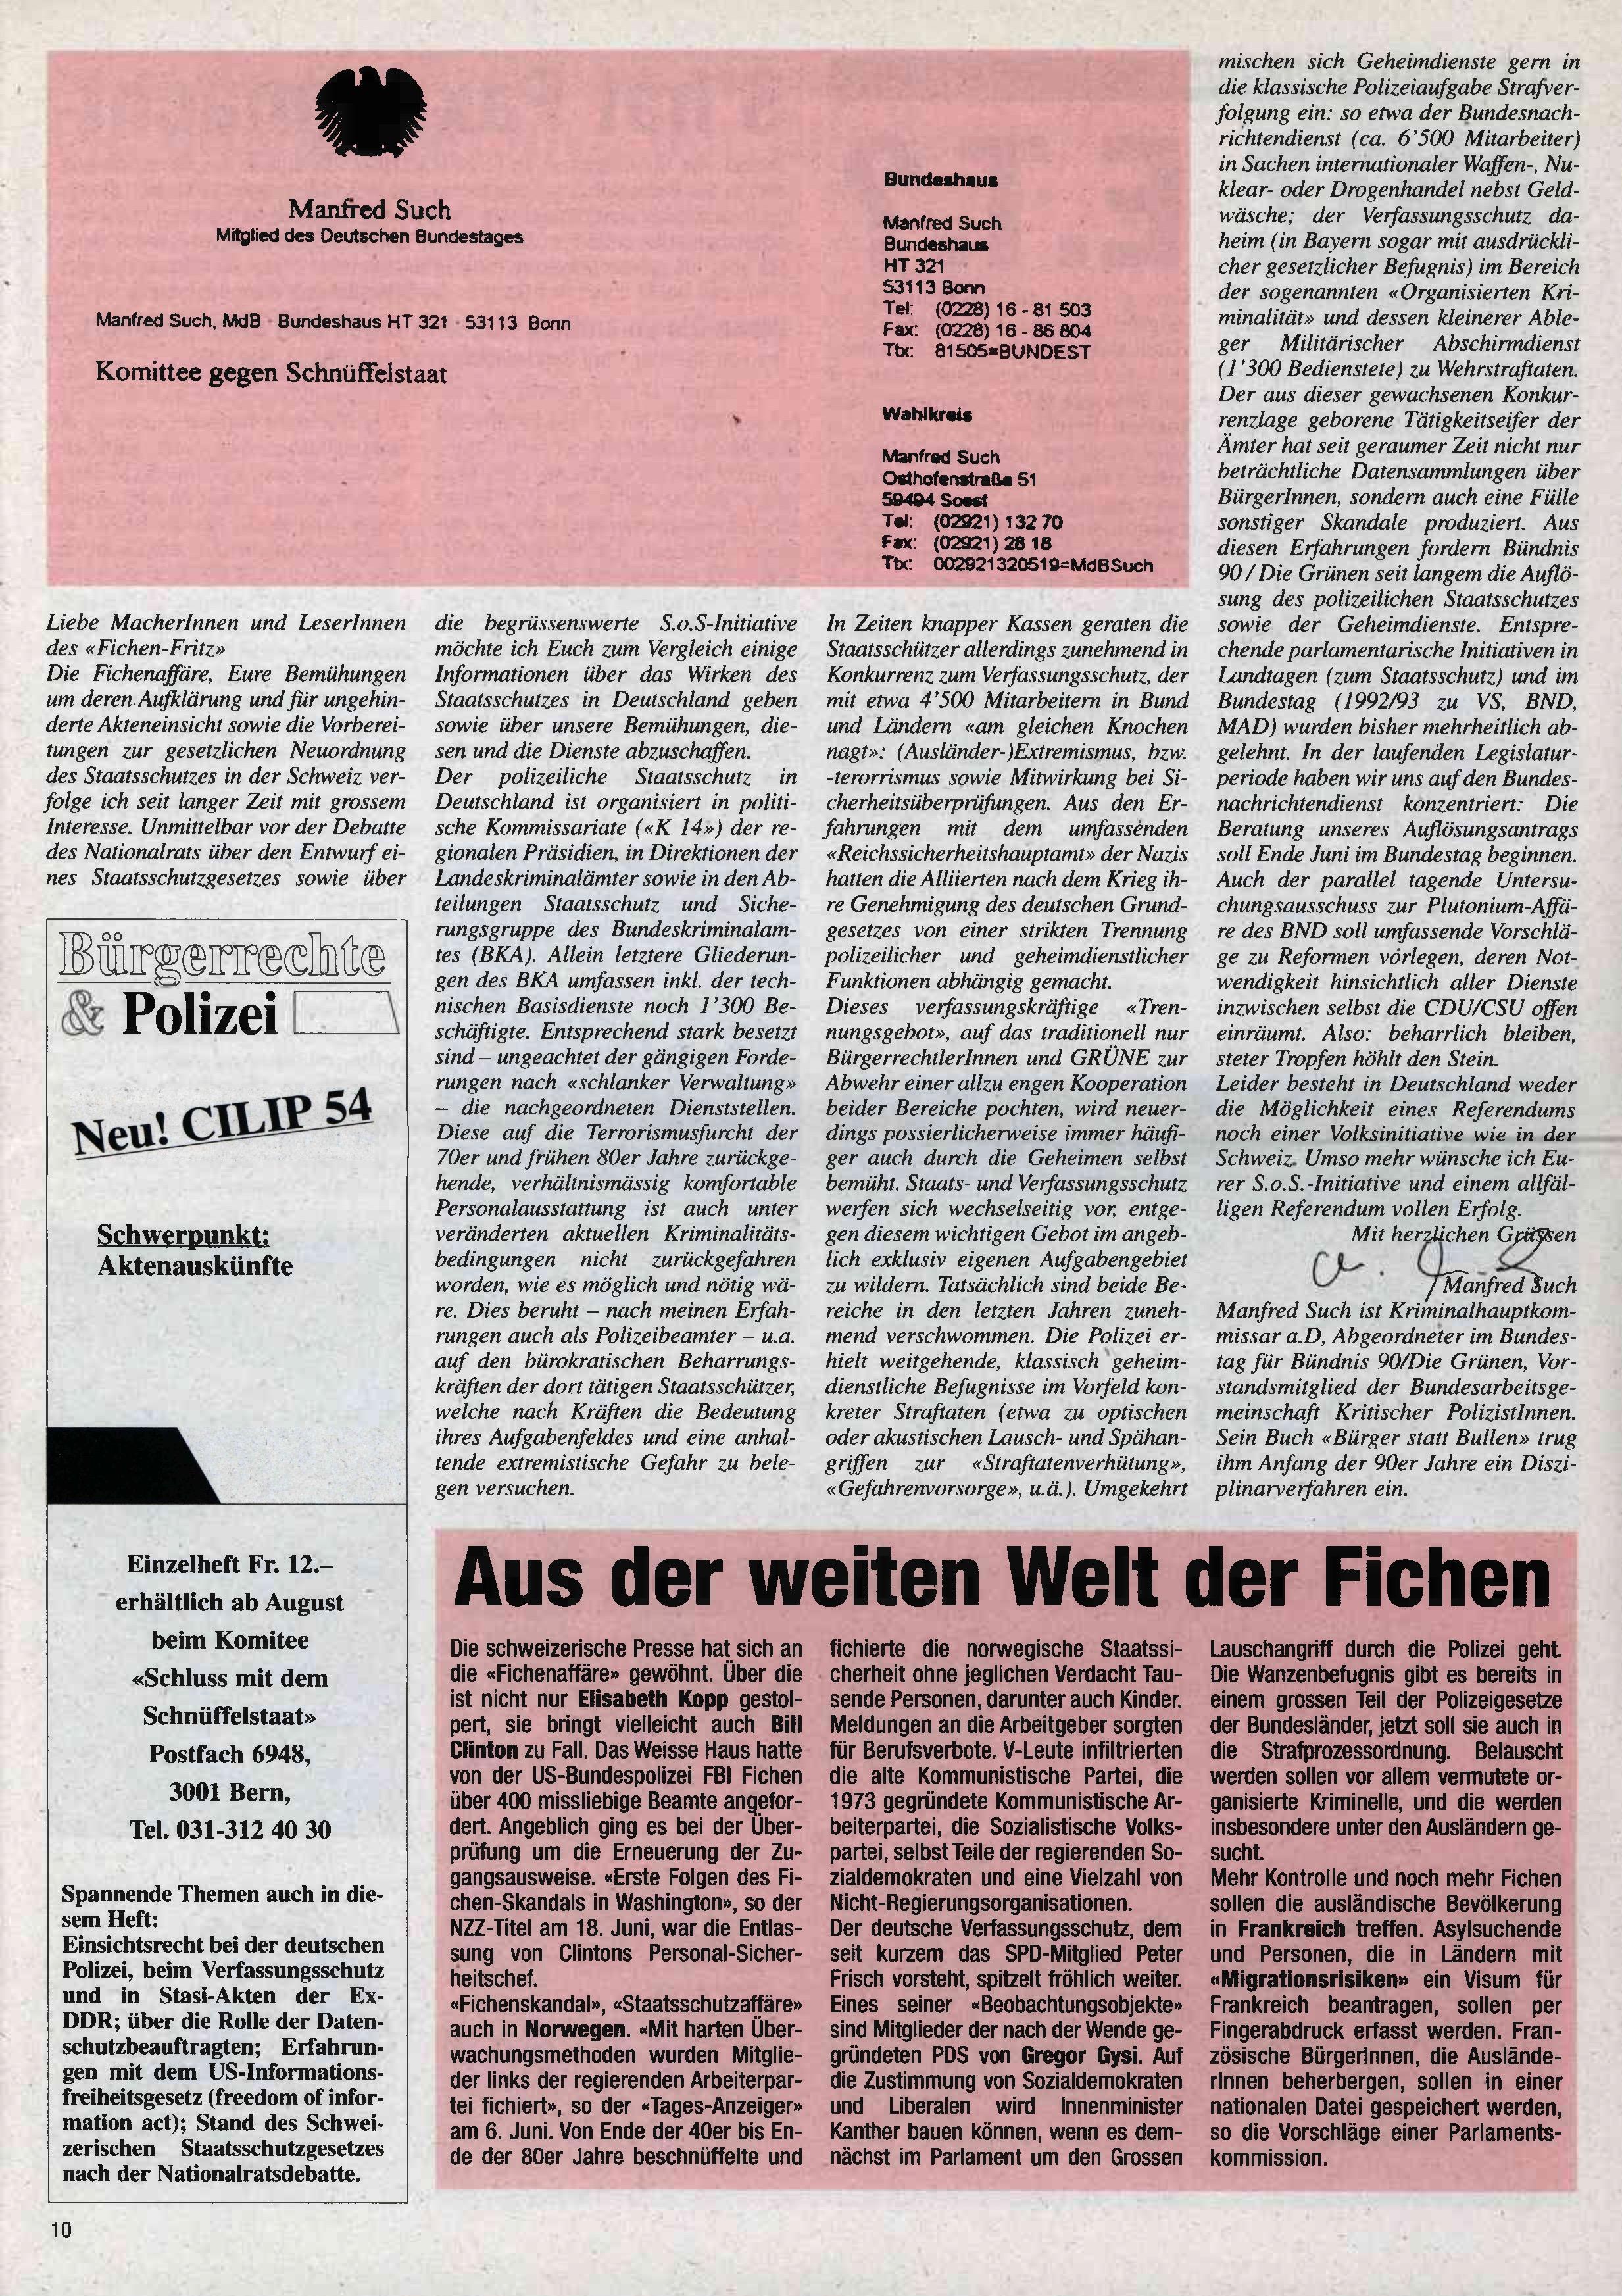 FICHEN FRITZ NR. 25 - SEITE 10